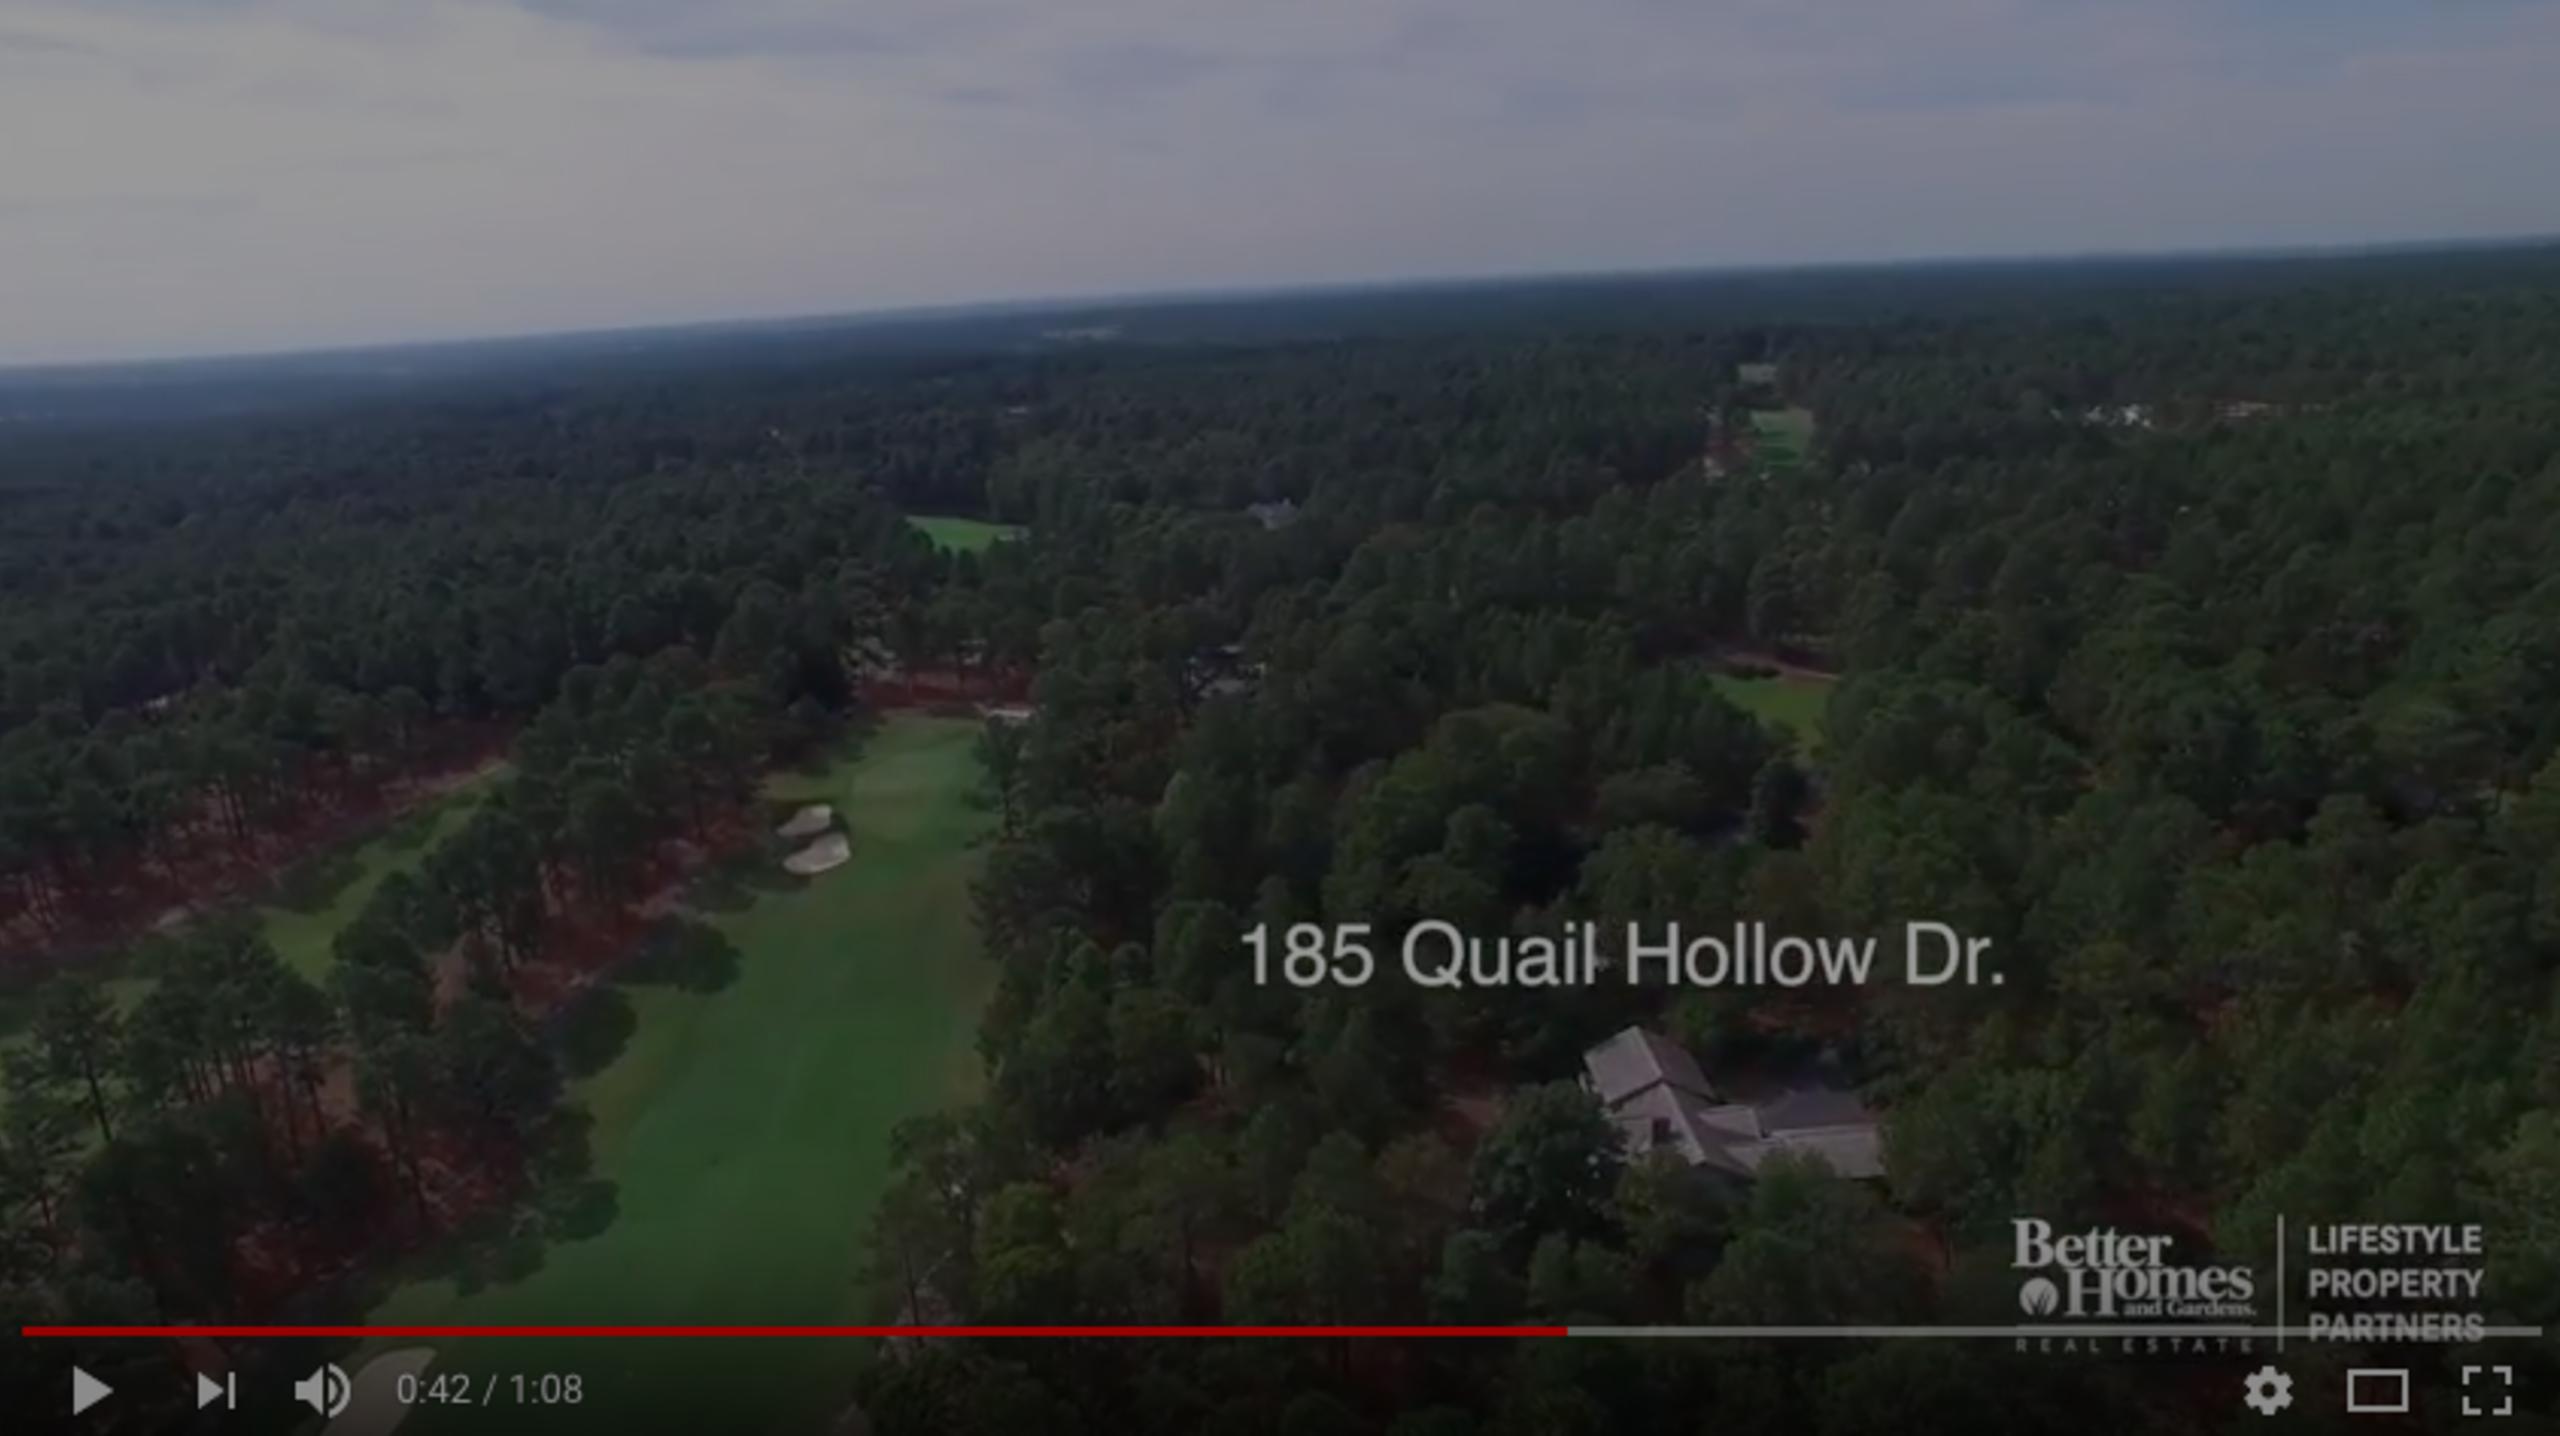 185 Quail Hollow Drive